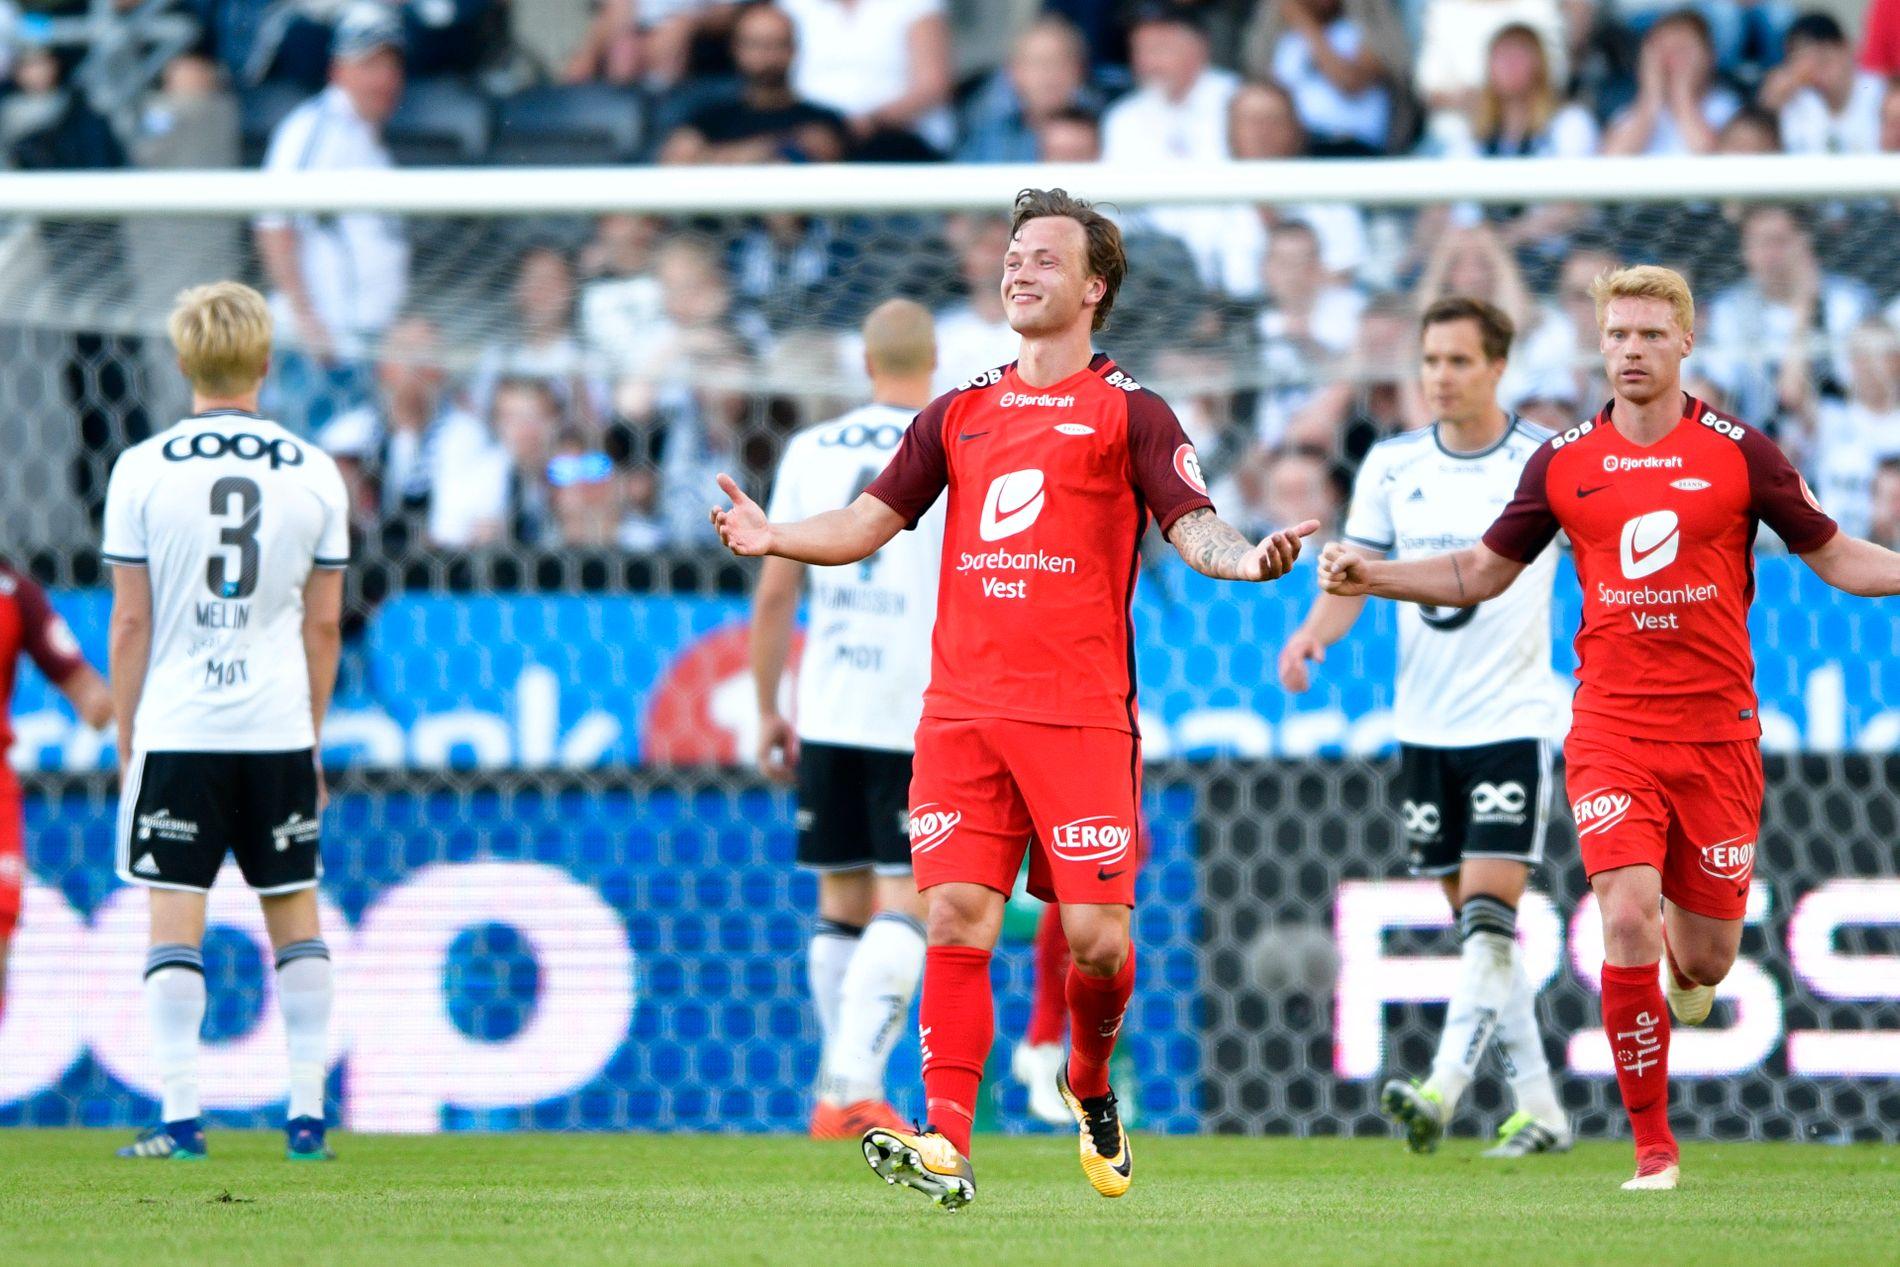 SCORET: Fredrik Haugen scoret mot Rosenborg på Lerkendal tidligere denne sesongen, men er suspendert i returen på Brann Stadion.